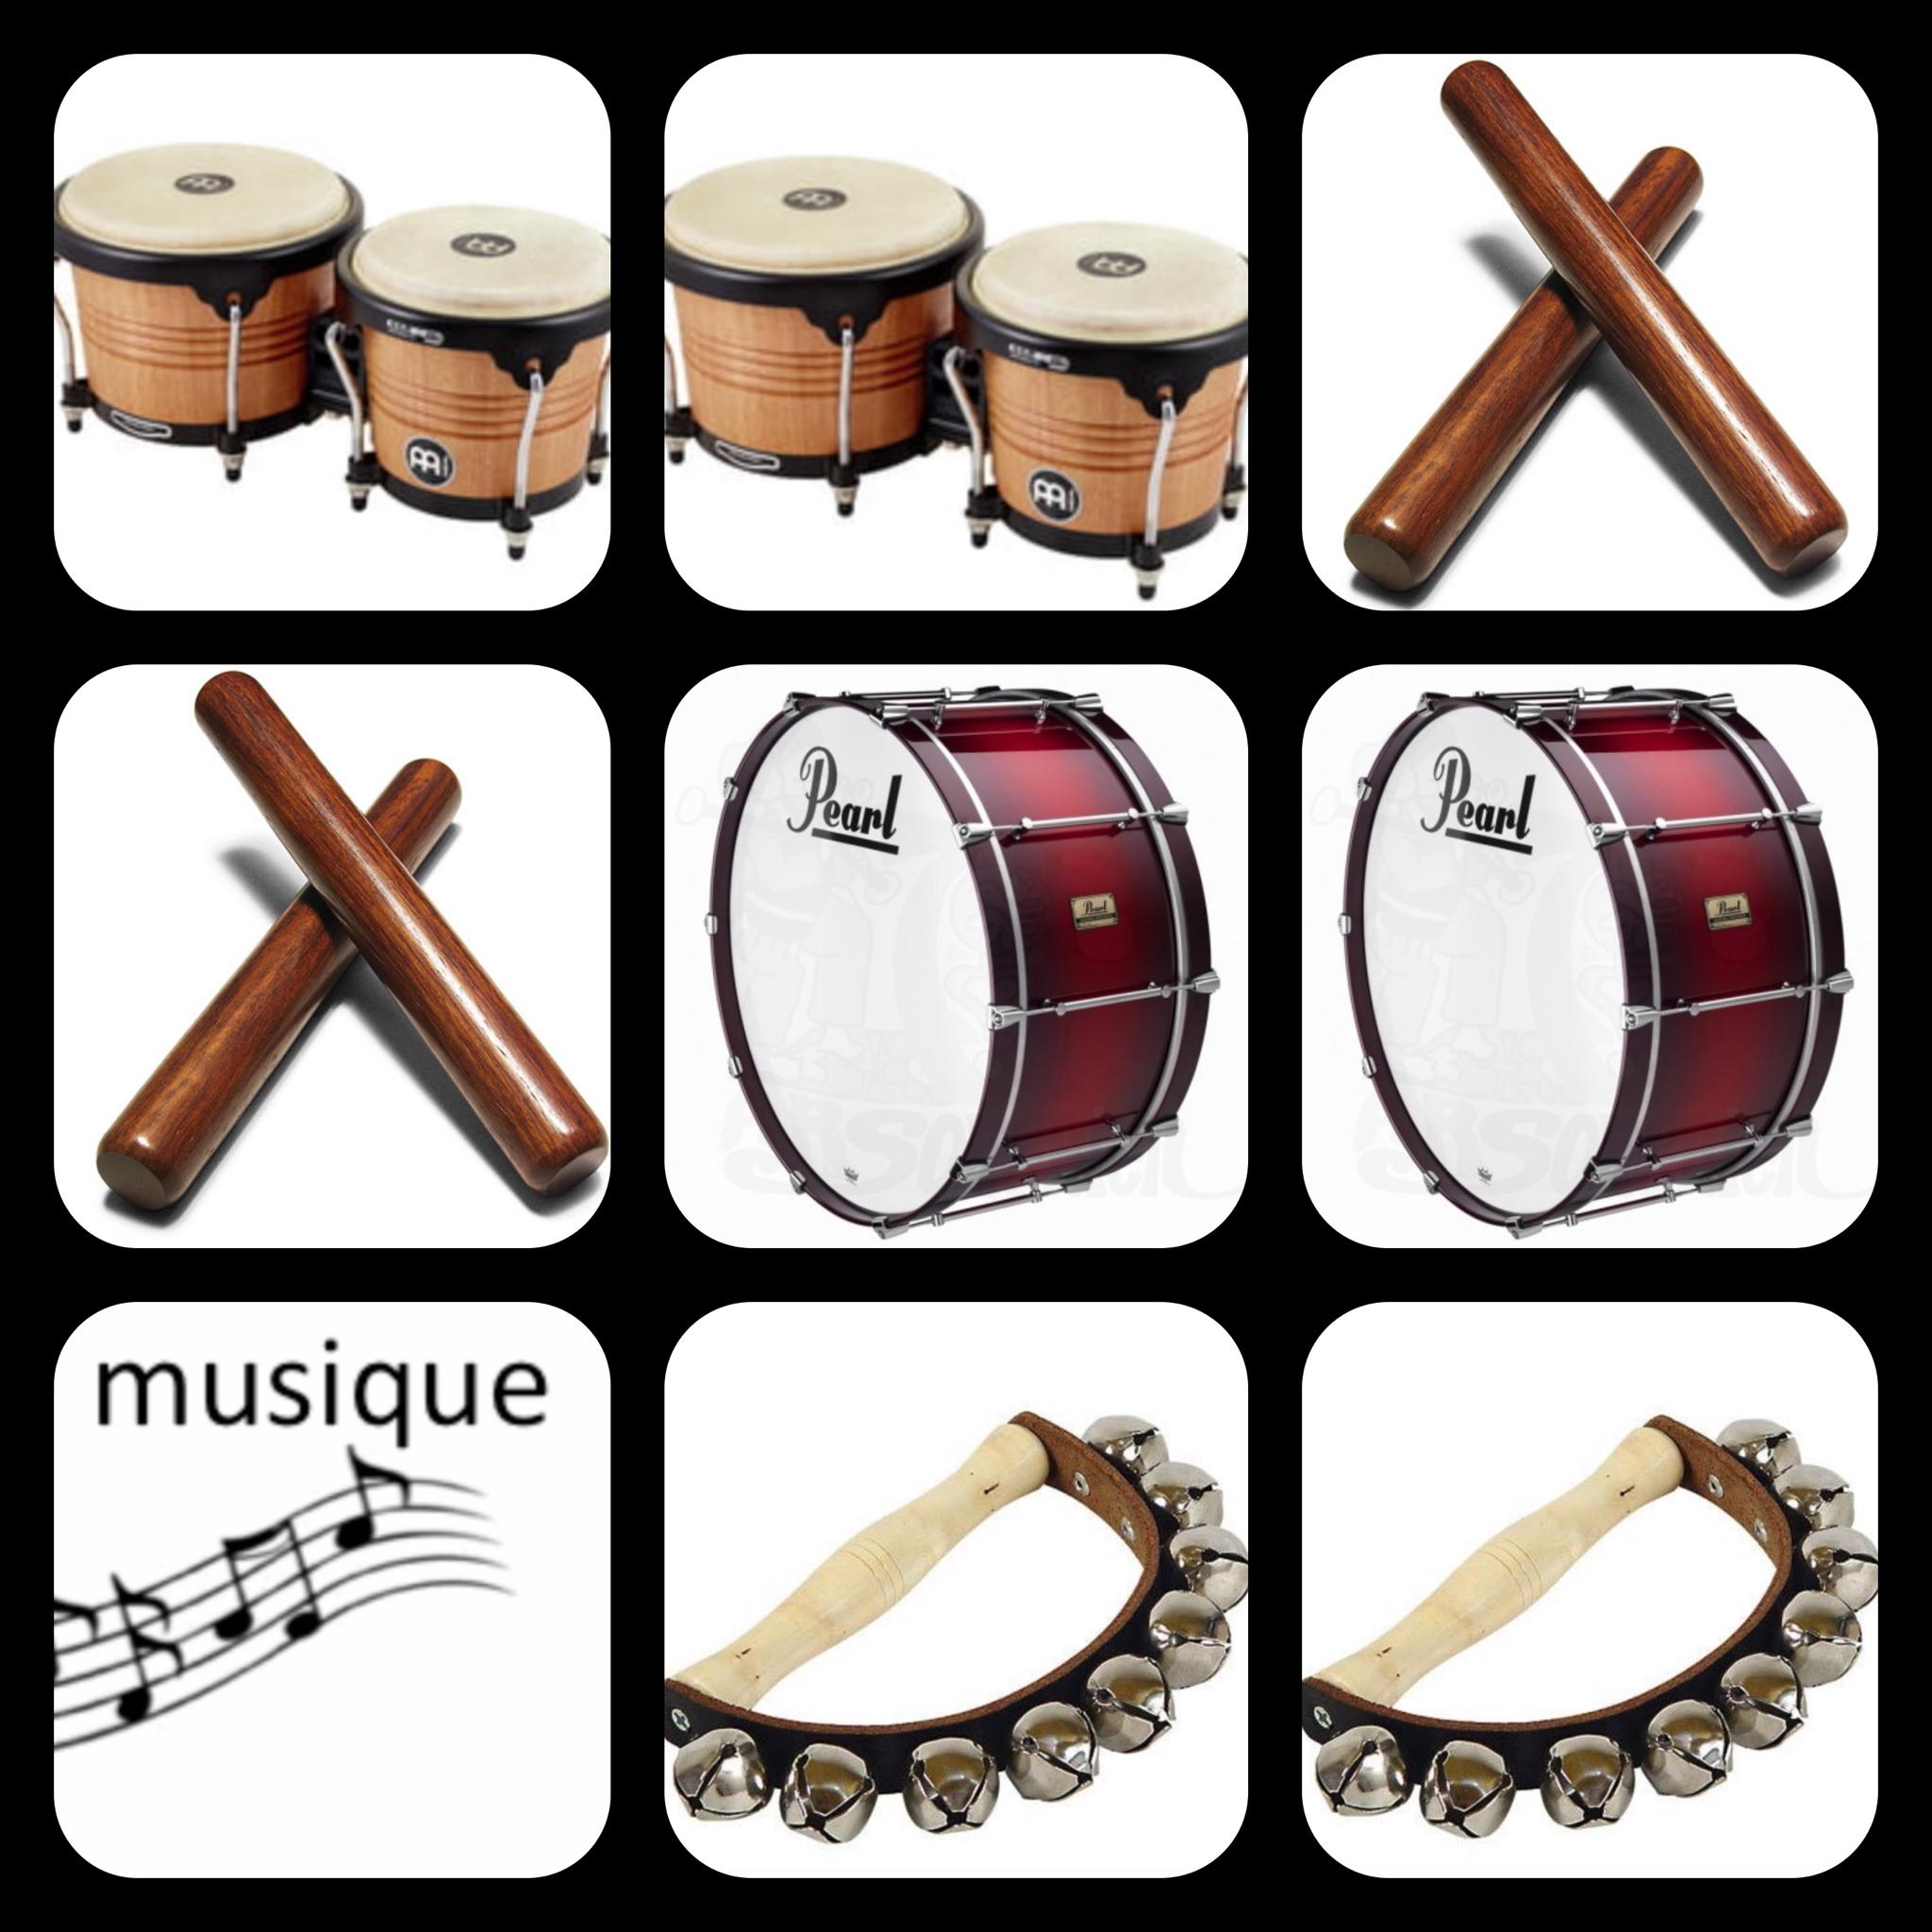 Les Instruments De Musique - La Maternelle De Vivi tout Image Instrument De Musique À Imprimer